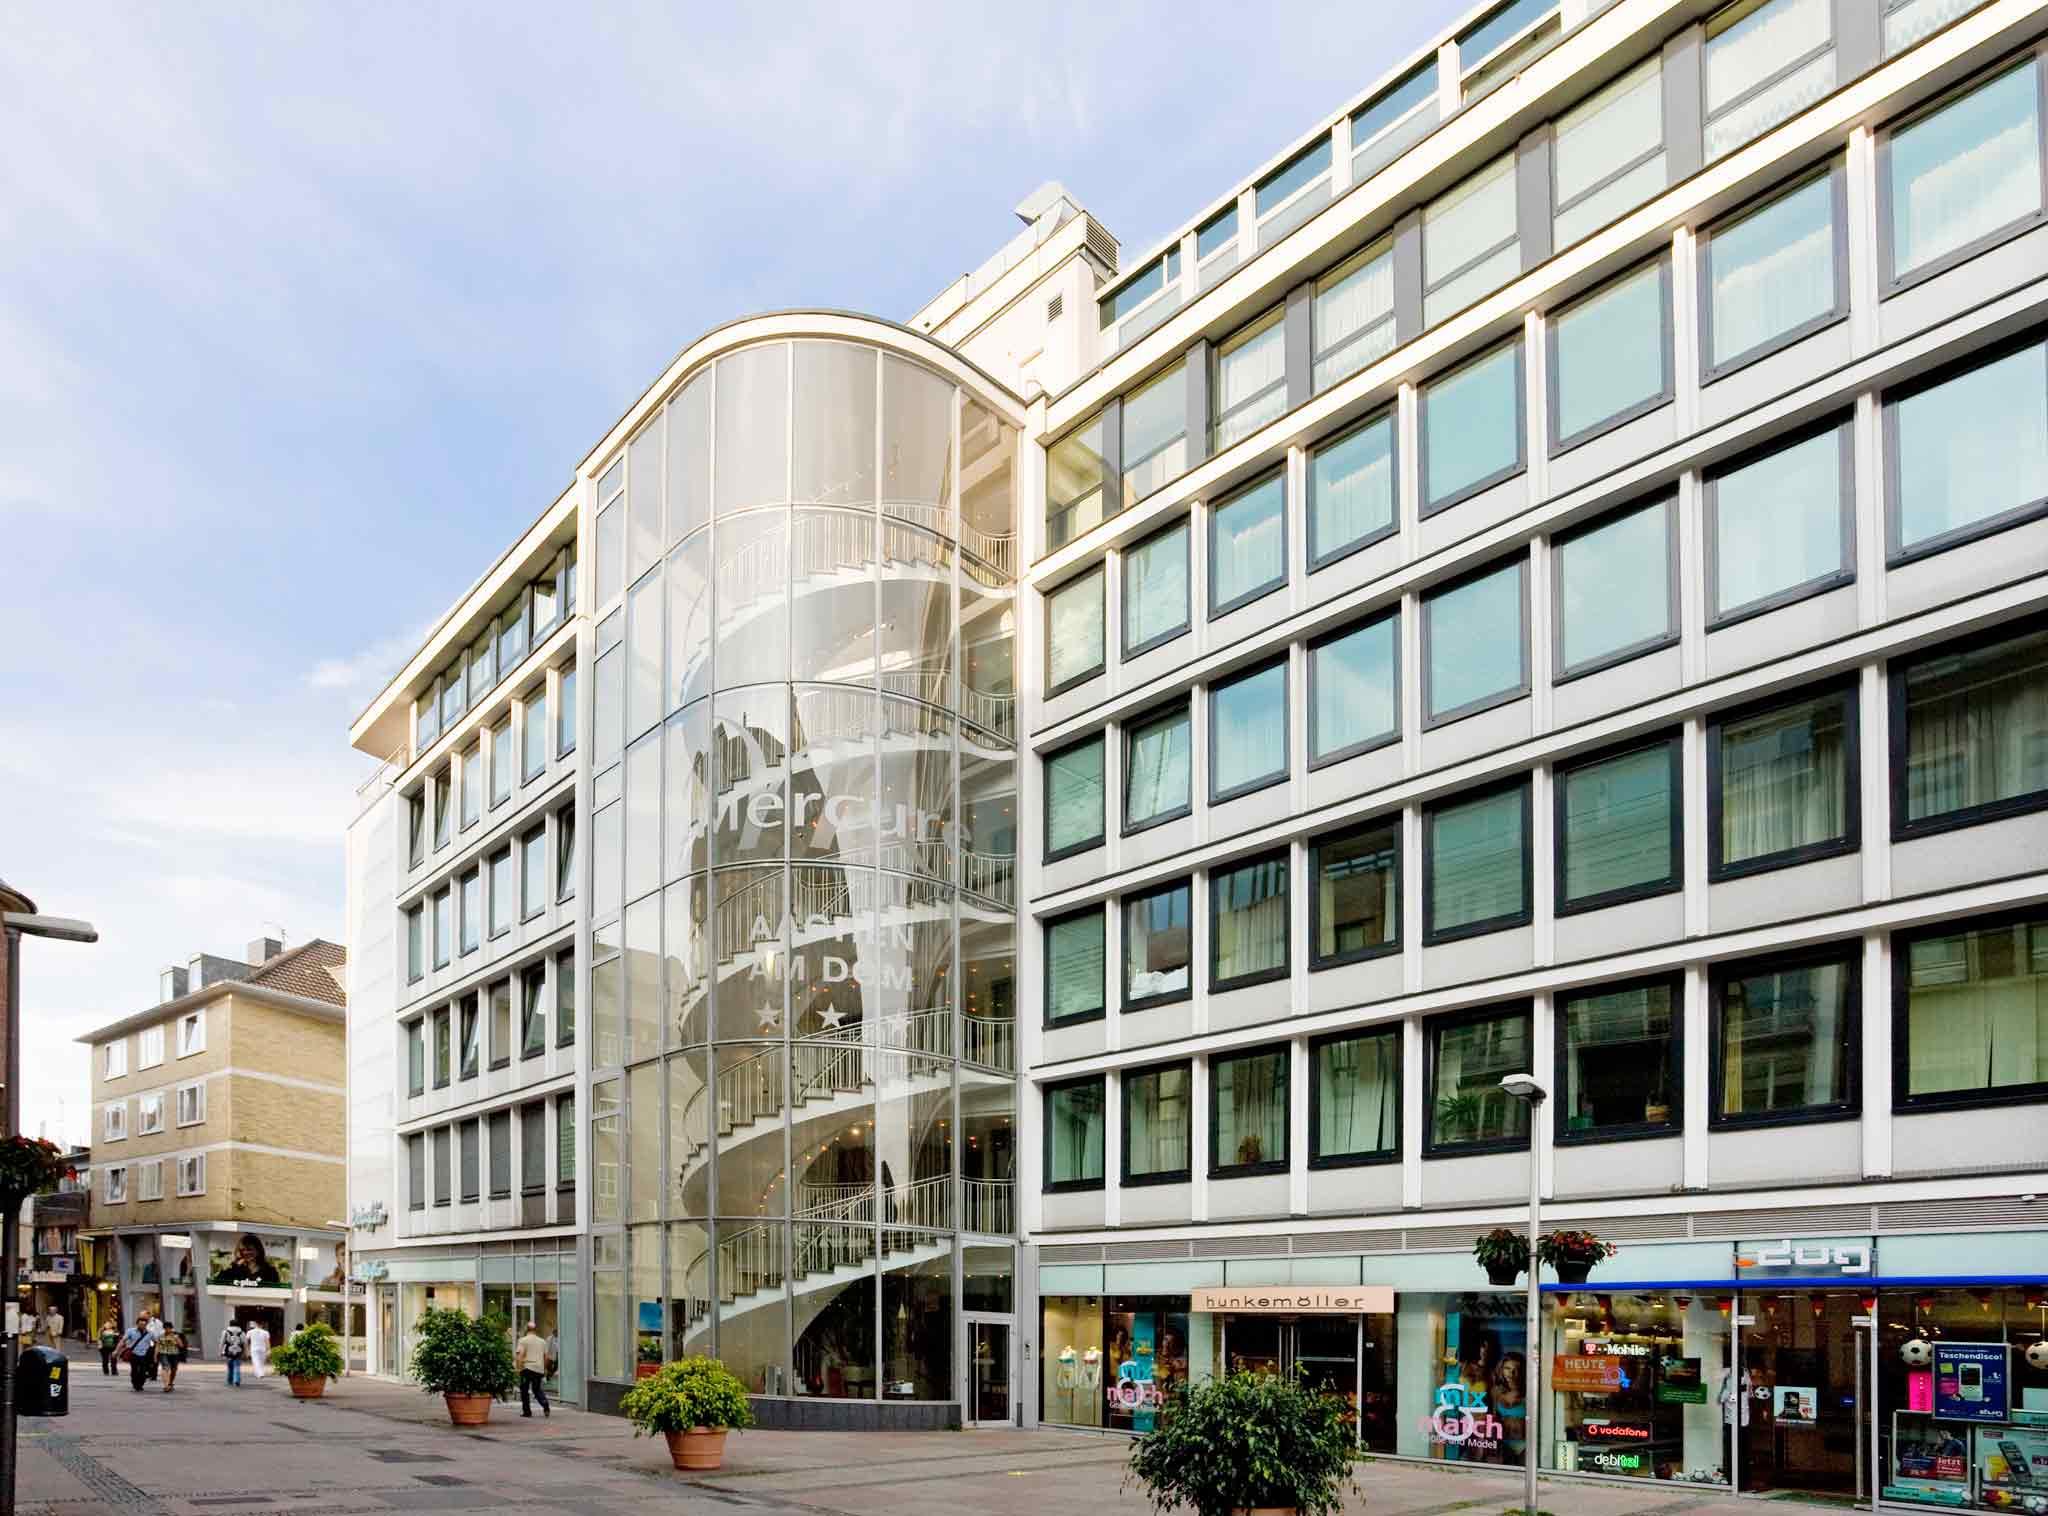 Mercure Hotel Aachen am Dom 外景